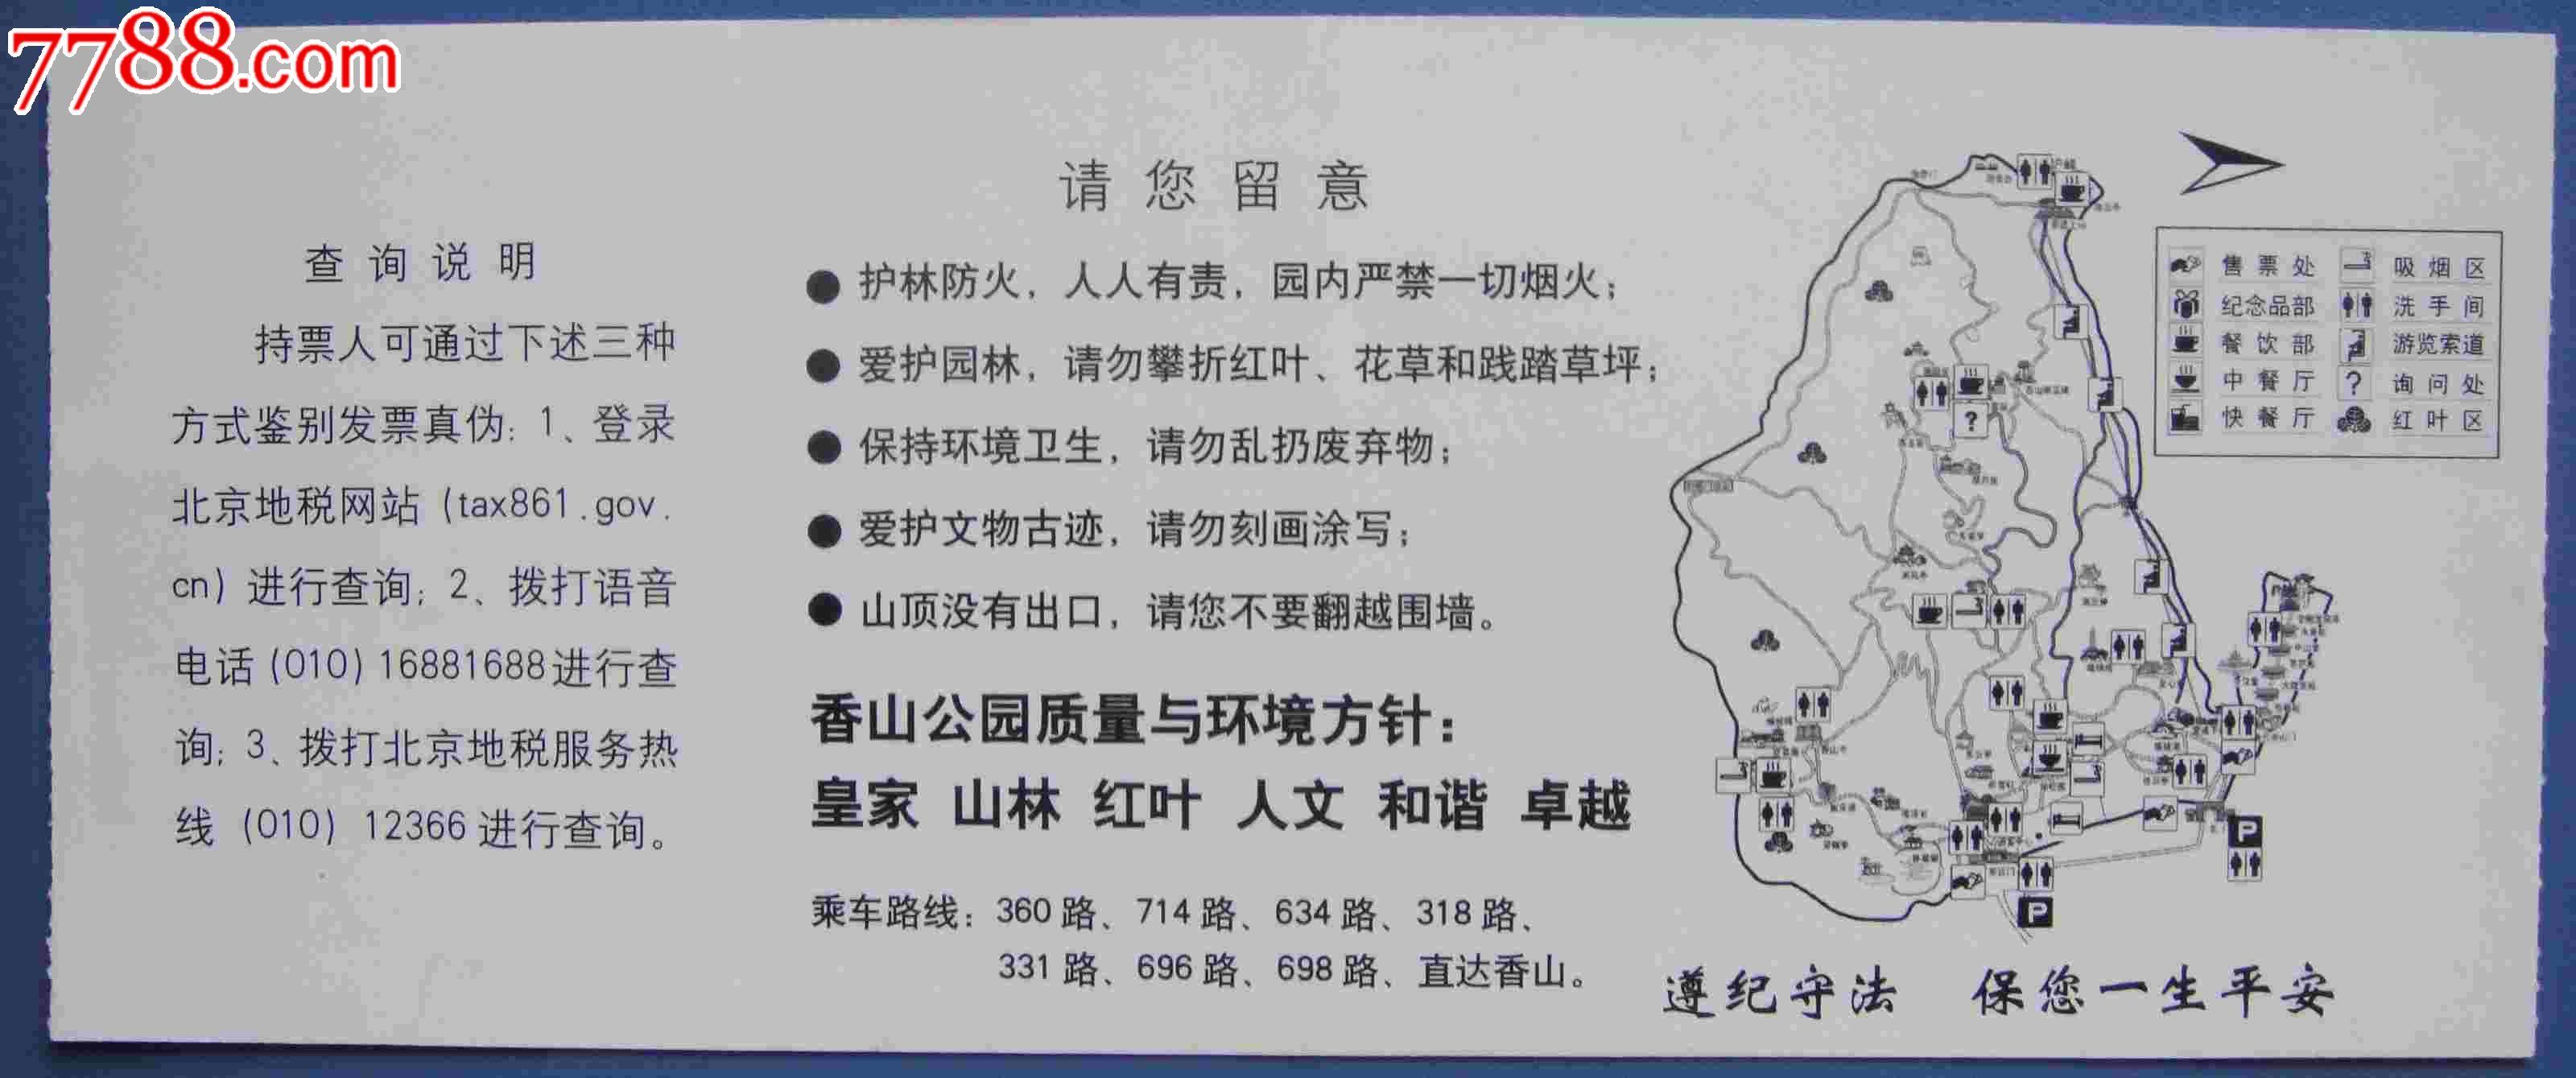 香山公园门票